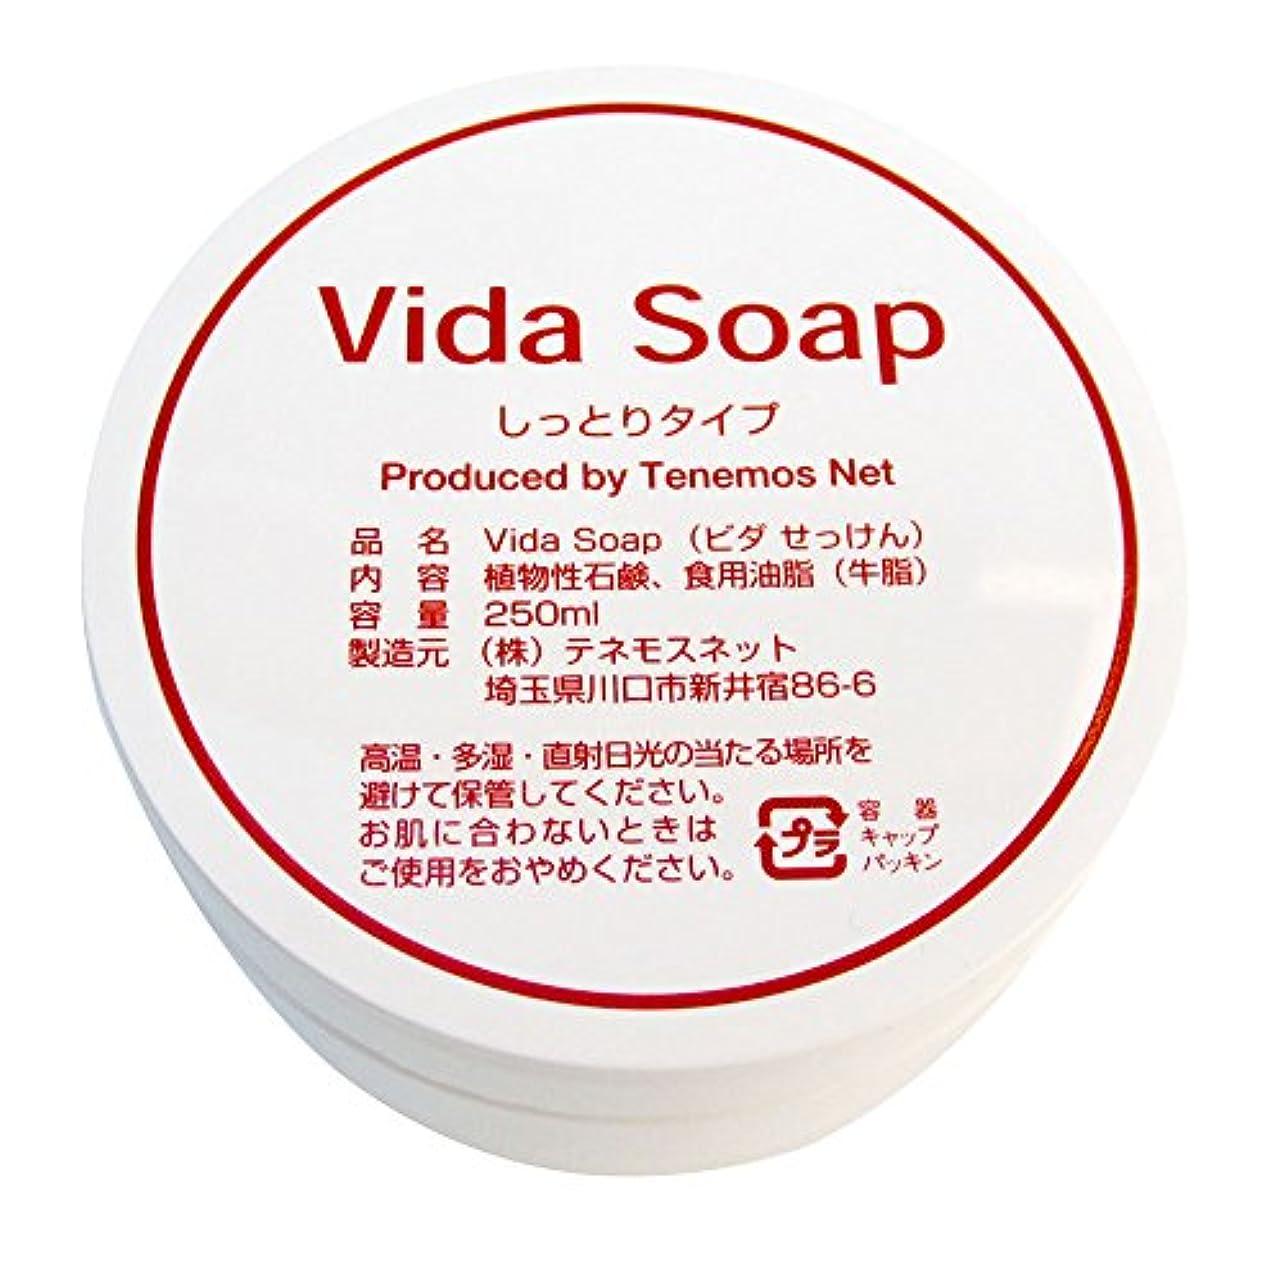 透明にサーフィン軍隊テネモス ビダせっけん Vida Soap しっとりノーマル 動物性 250ml